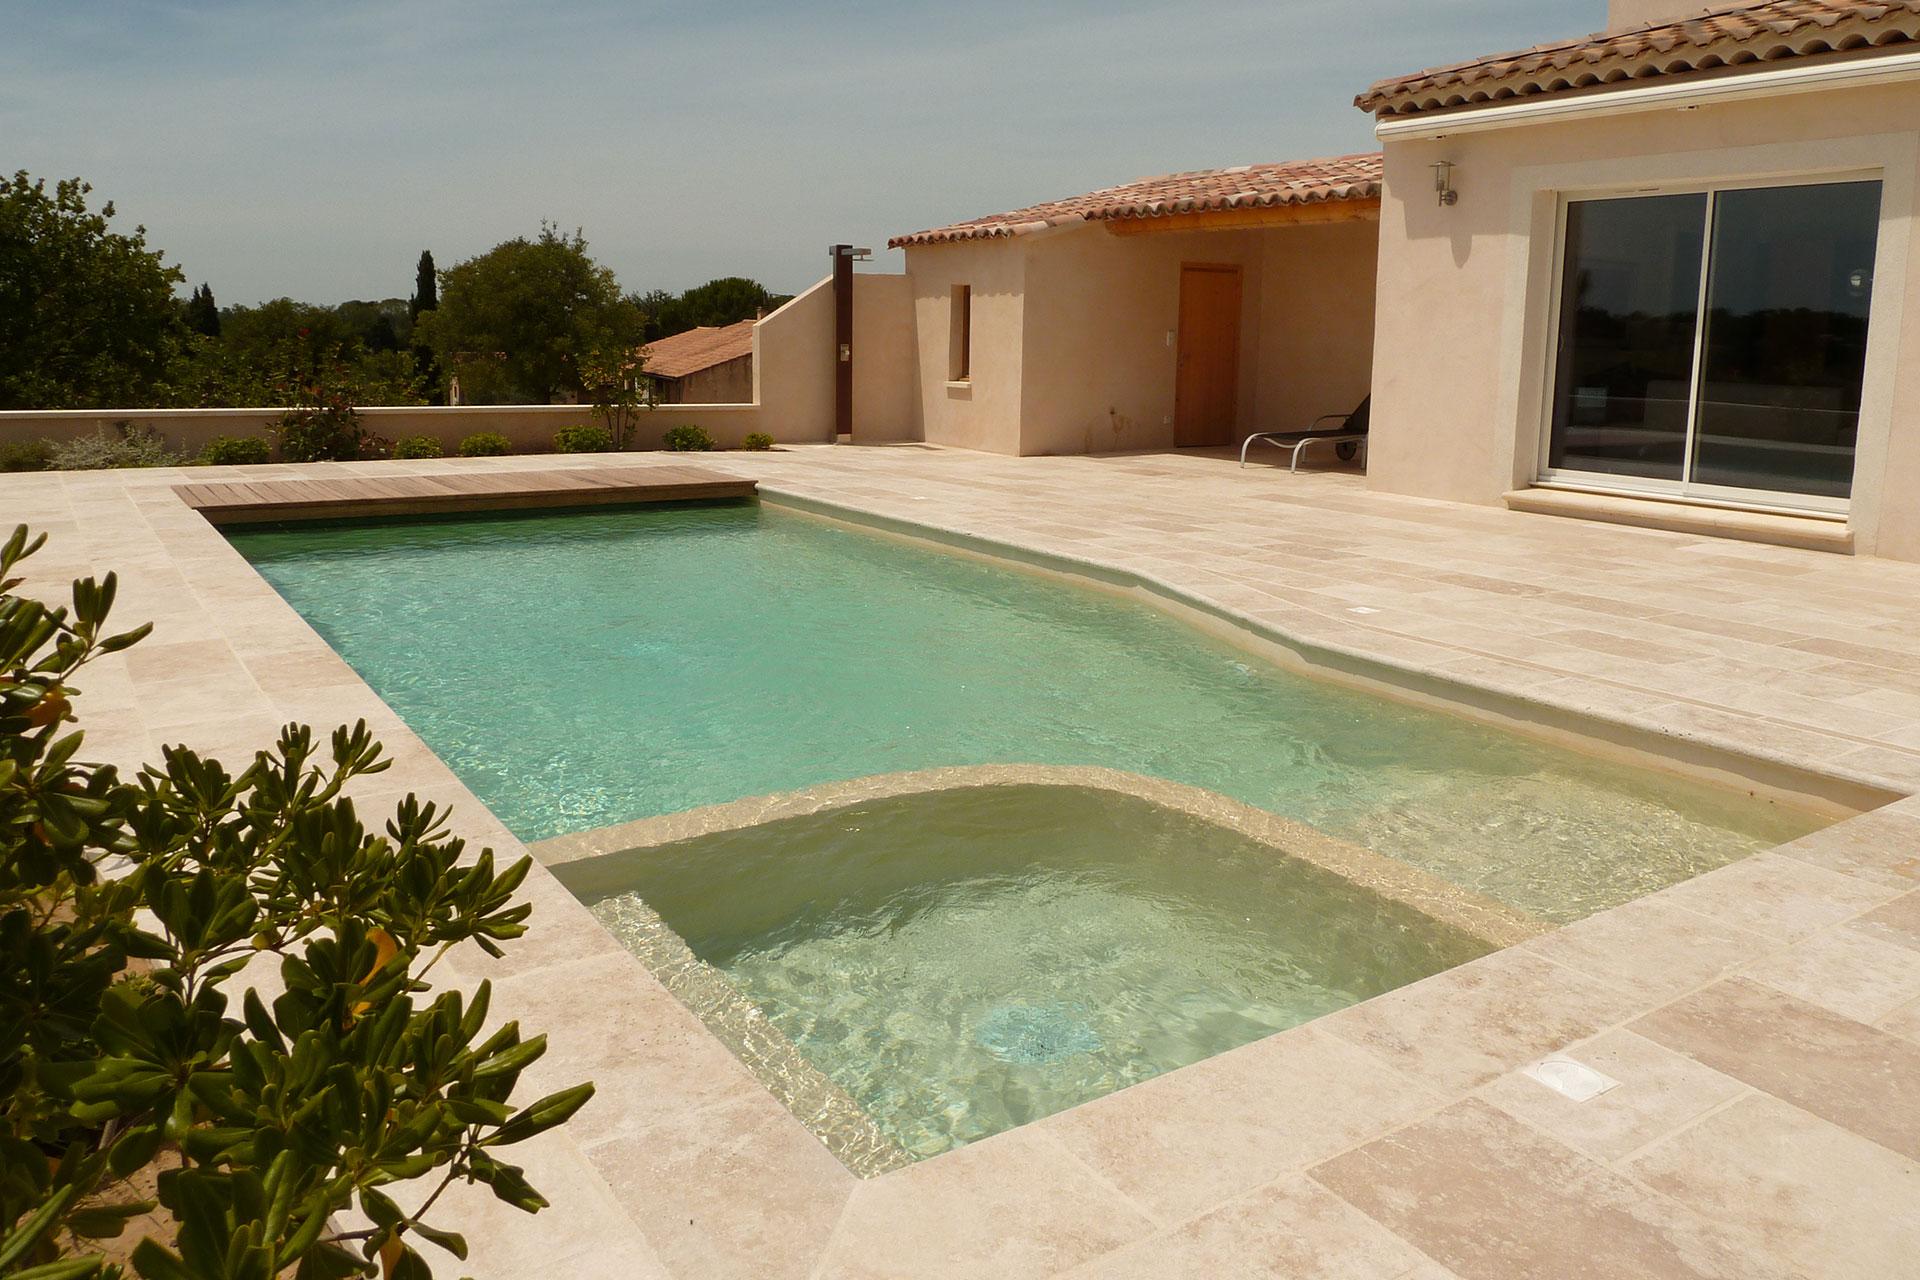 Piscine Beton Avec Plage Immergée piscine monobloc béton à beaumes de venise - blue pool